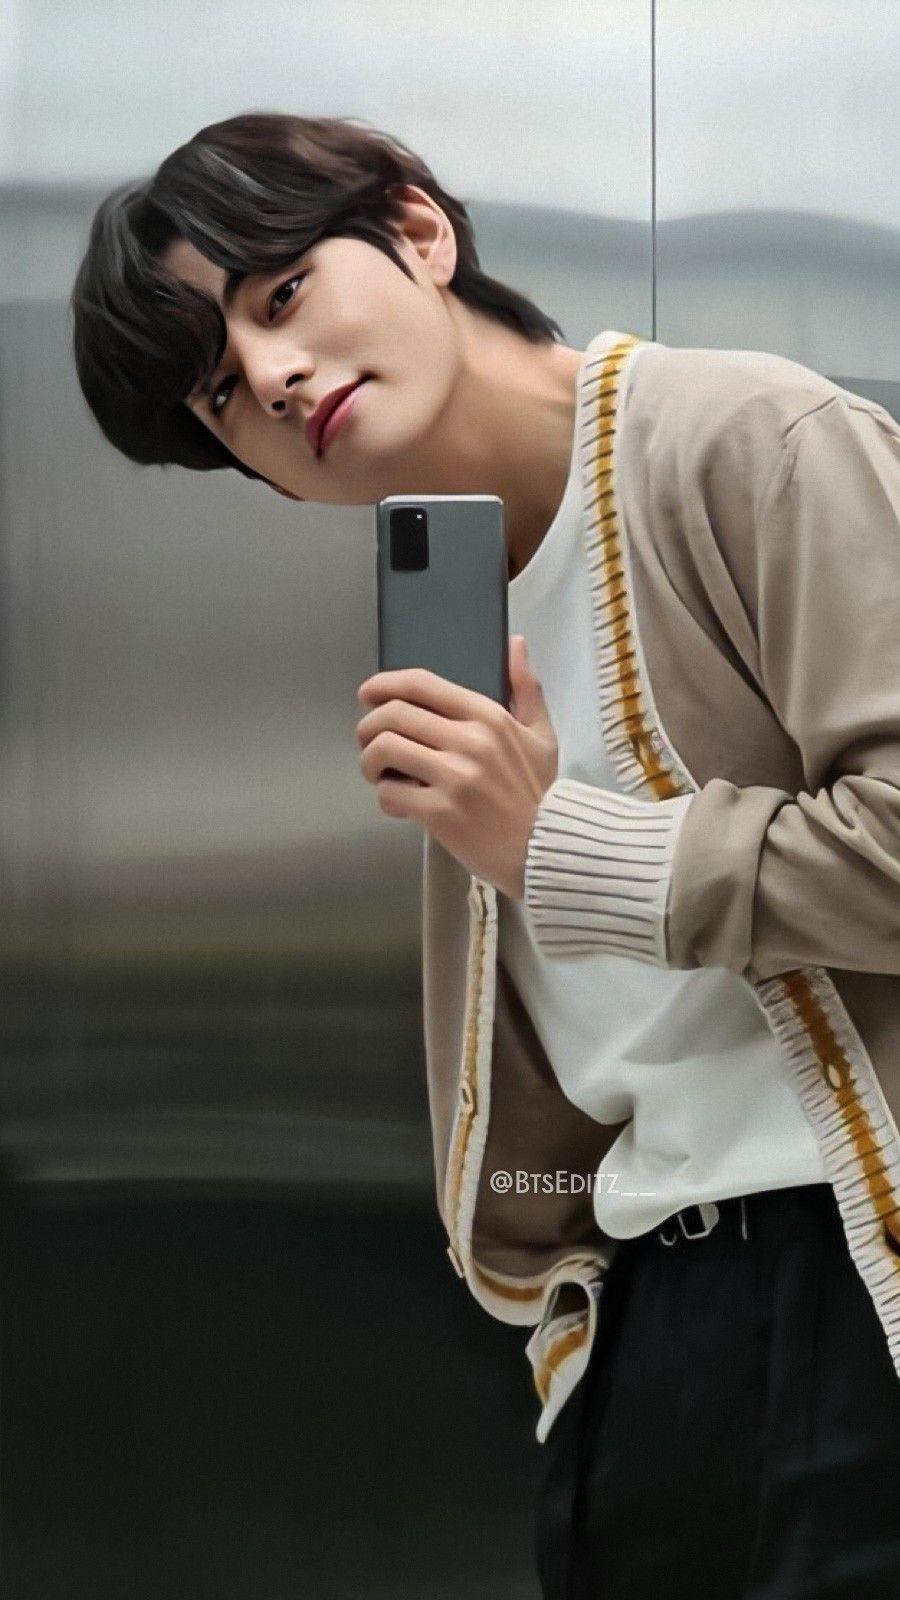 200319 Bts X Samsung Wallpaper Di 2020 Selebritas Gaya Rambut Korea Gaya Rambut